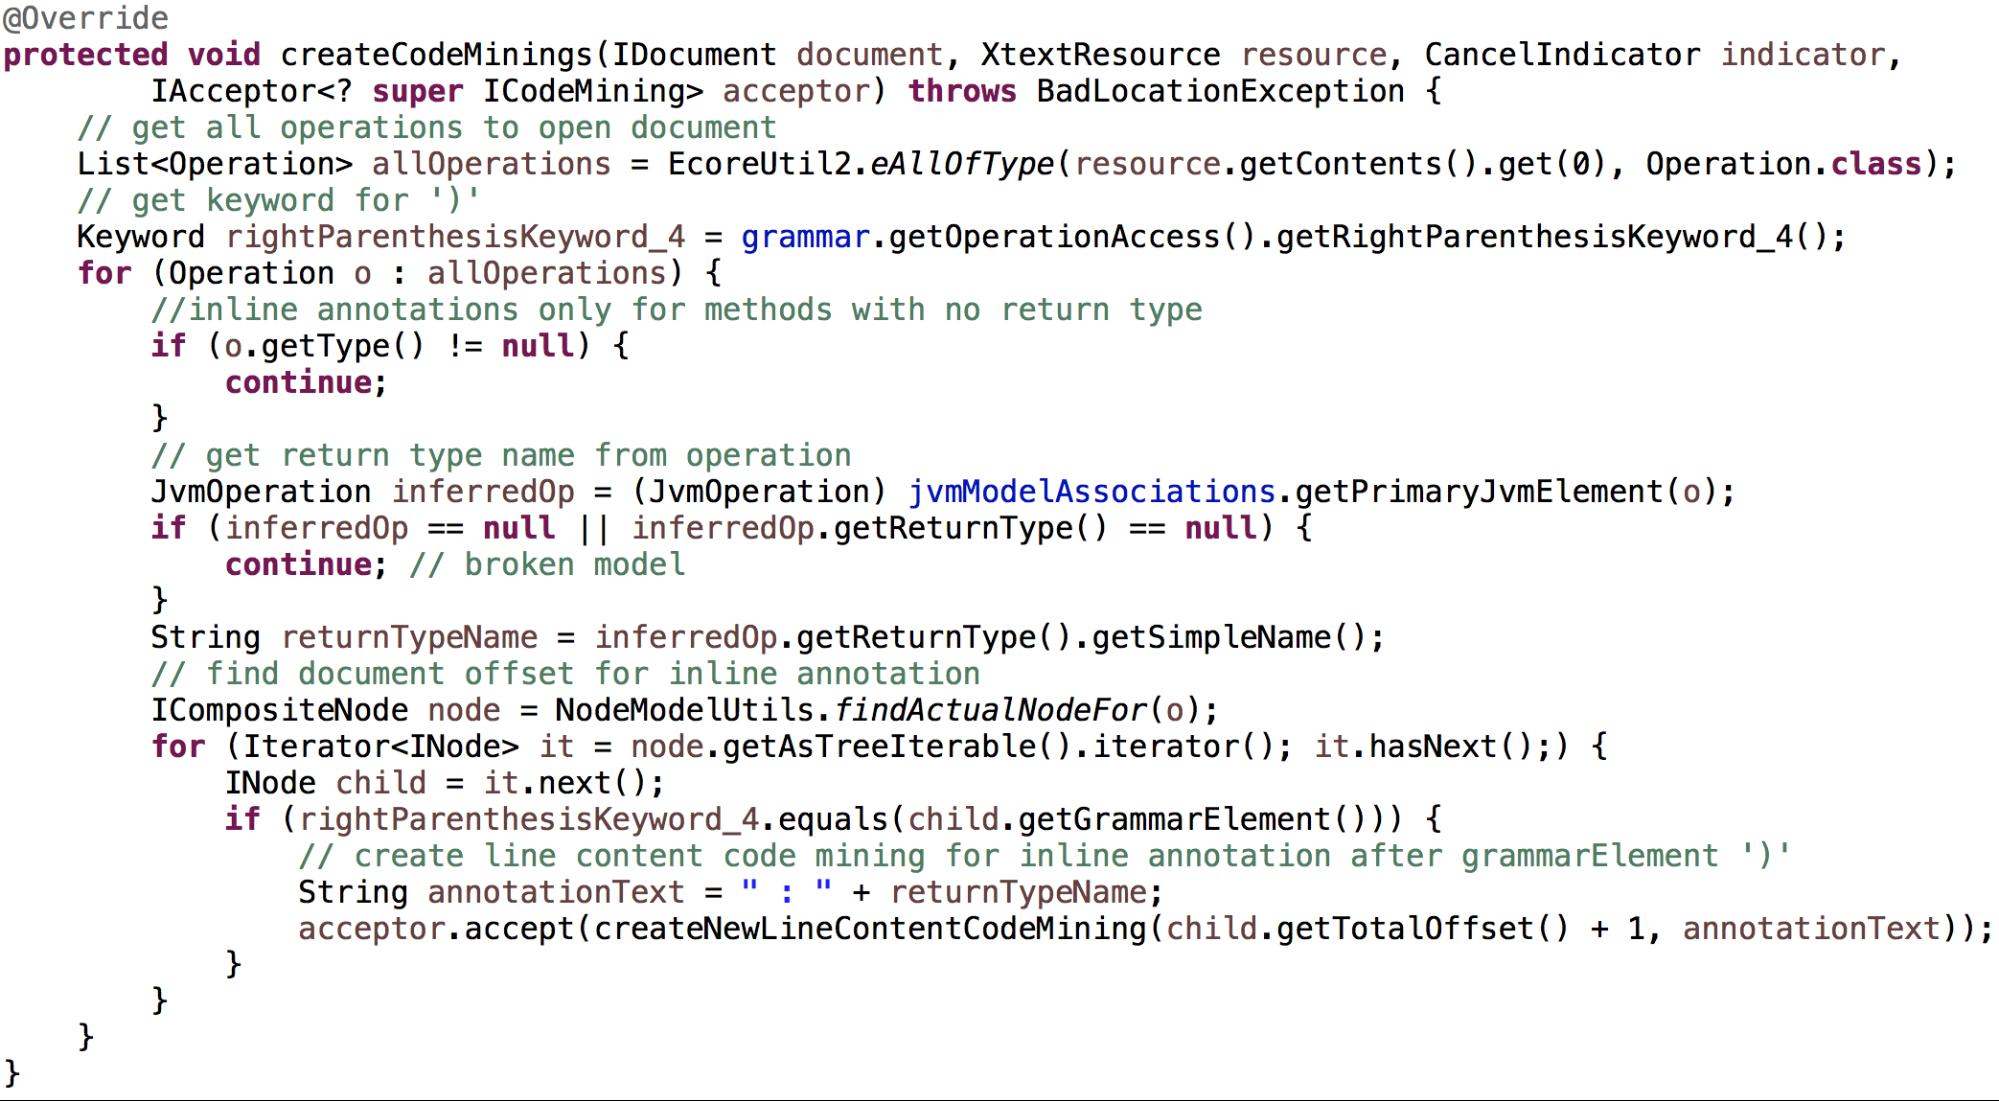 Code-Mining-Override